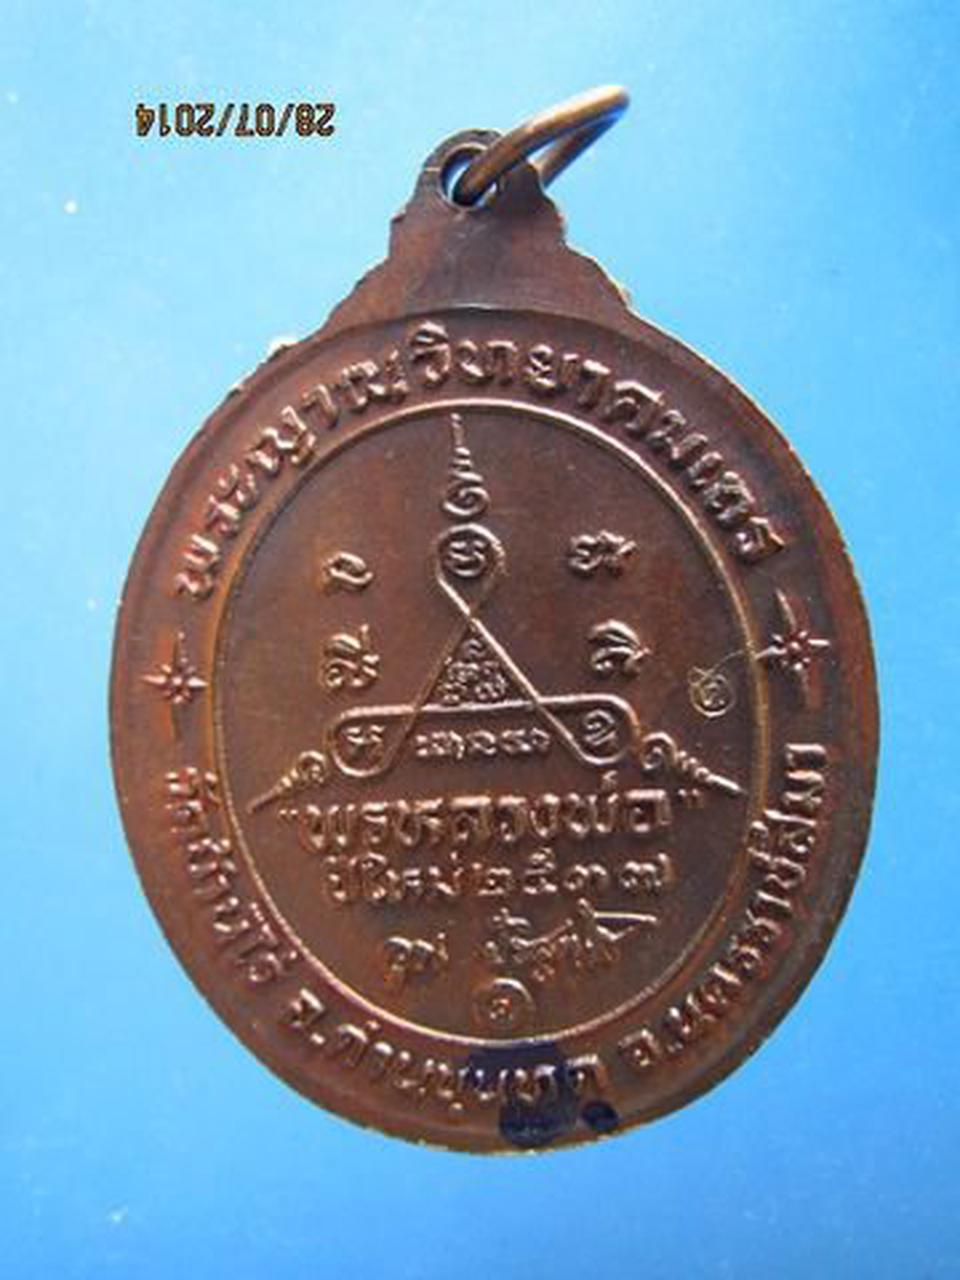 117 เหรียญหลวงพ่อคูณ วัดบ้านไร่ พรปีใหม่ ปี 2537 จ.นครราชสีม รูปที่ 1